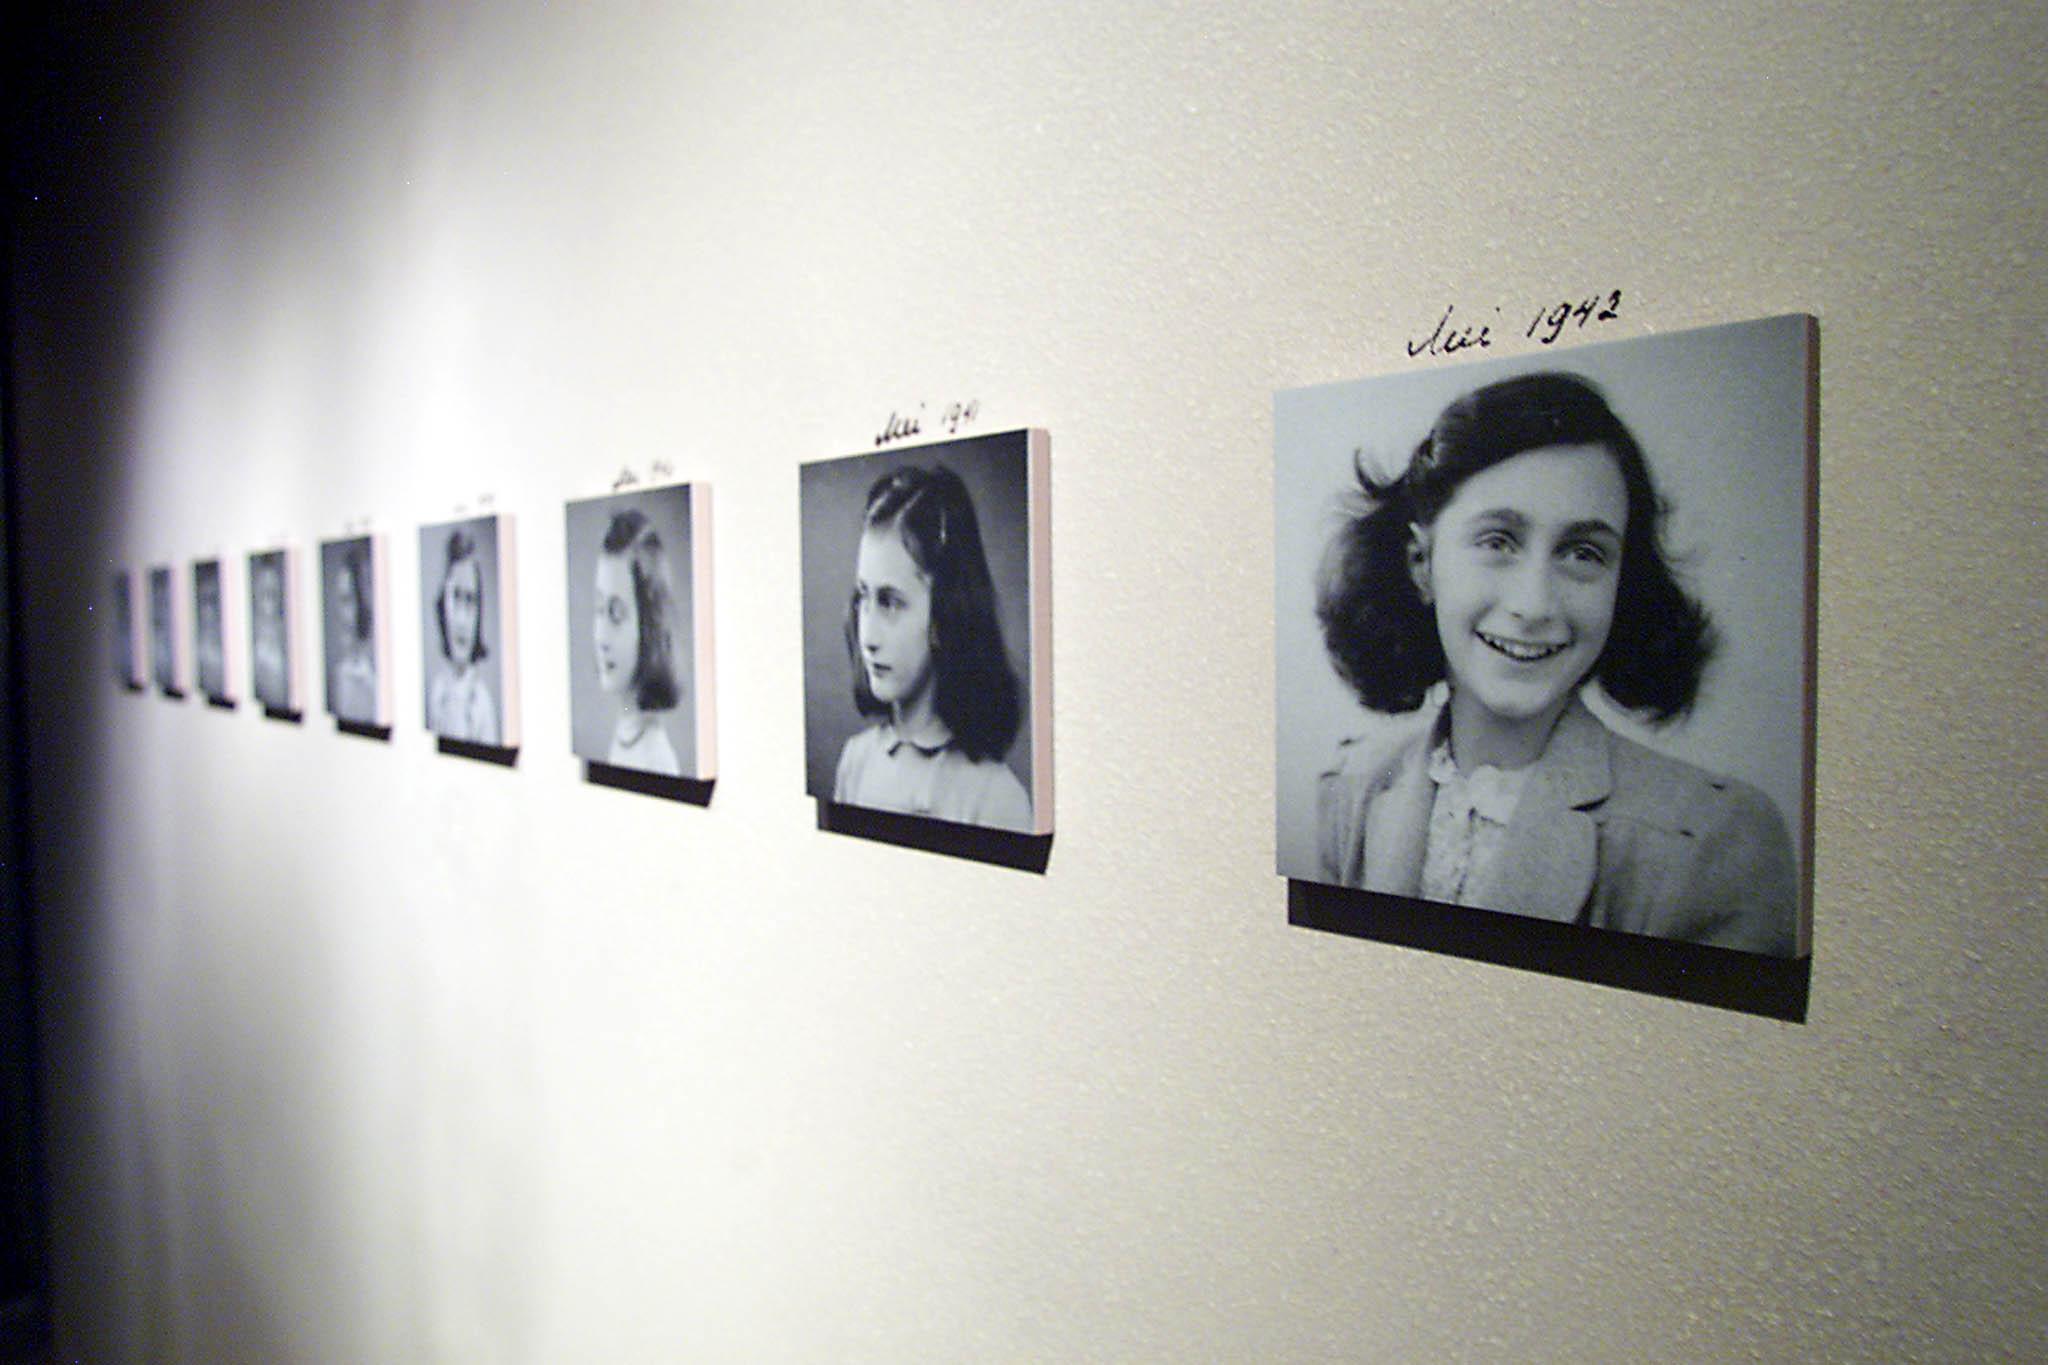 Italie. Émoi après le détournement d'une photo d'Anne Frank